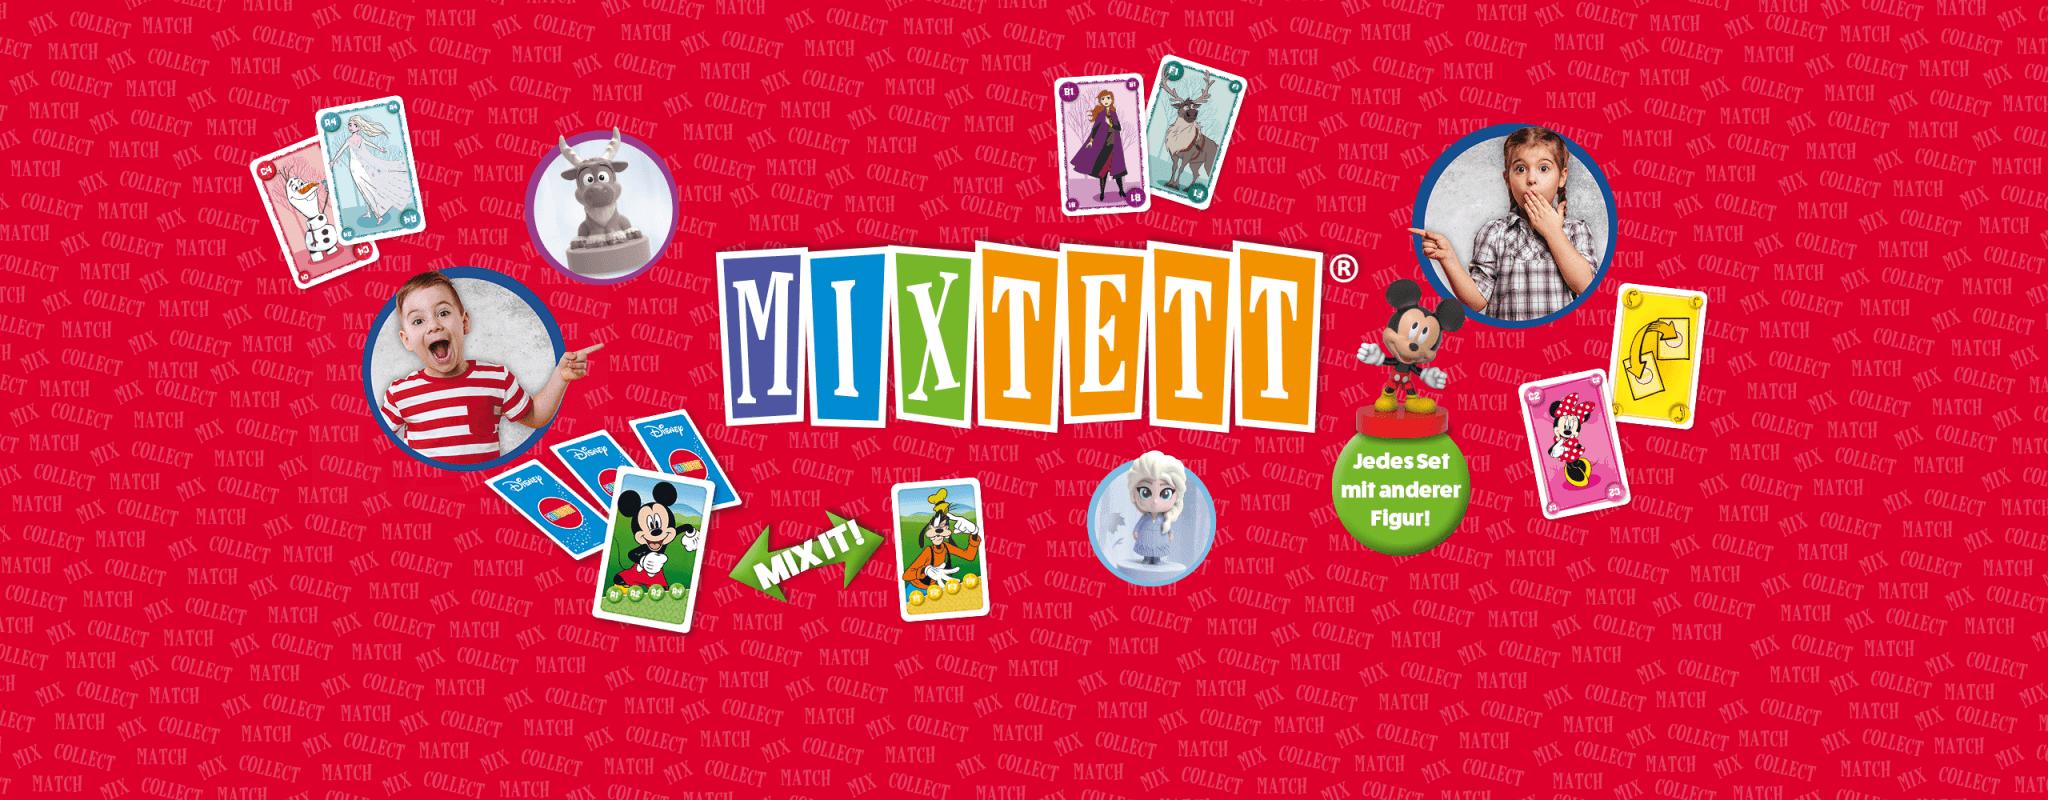 Mixtett_LP_Header_Background_00_01-2048x800-1